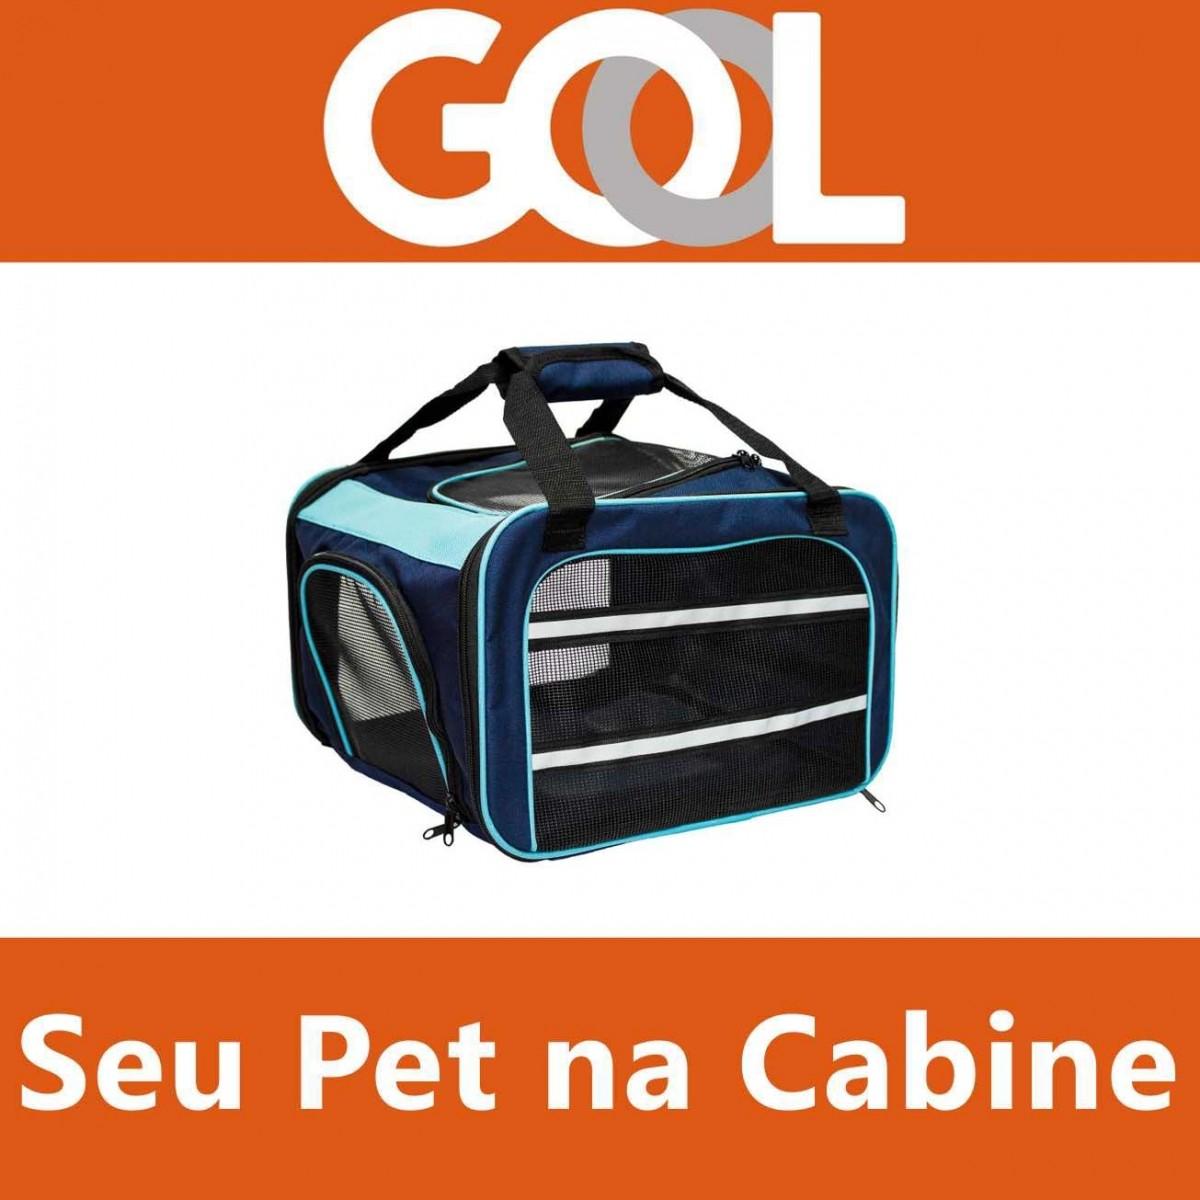 Bolsa Para Transporte De Cachorro Em Avião : Bolsa para transporte pet nas medidas da gol eleva mundi